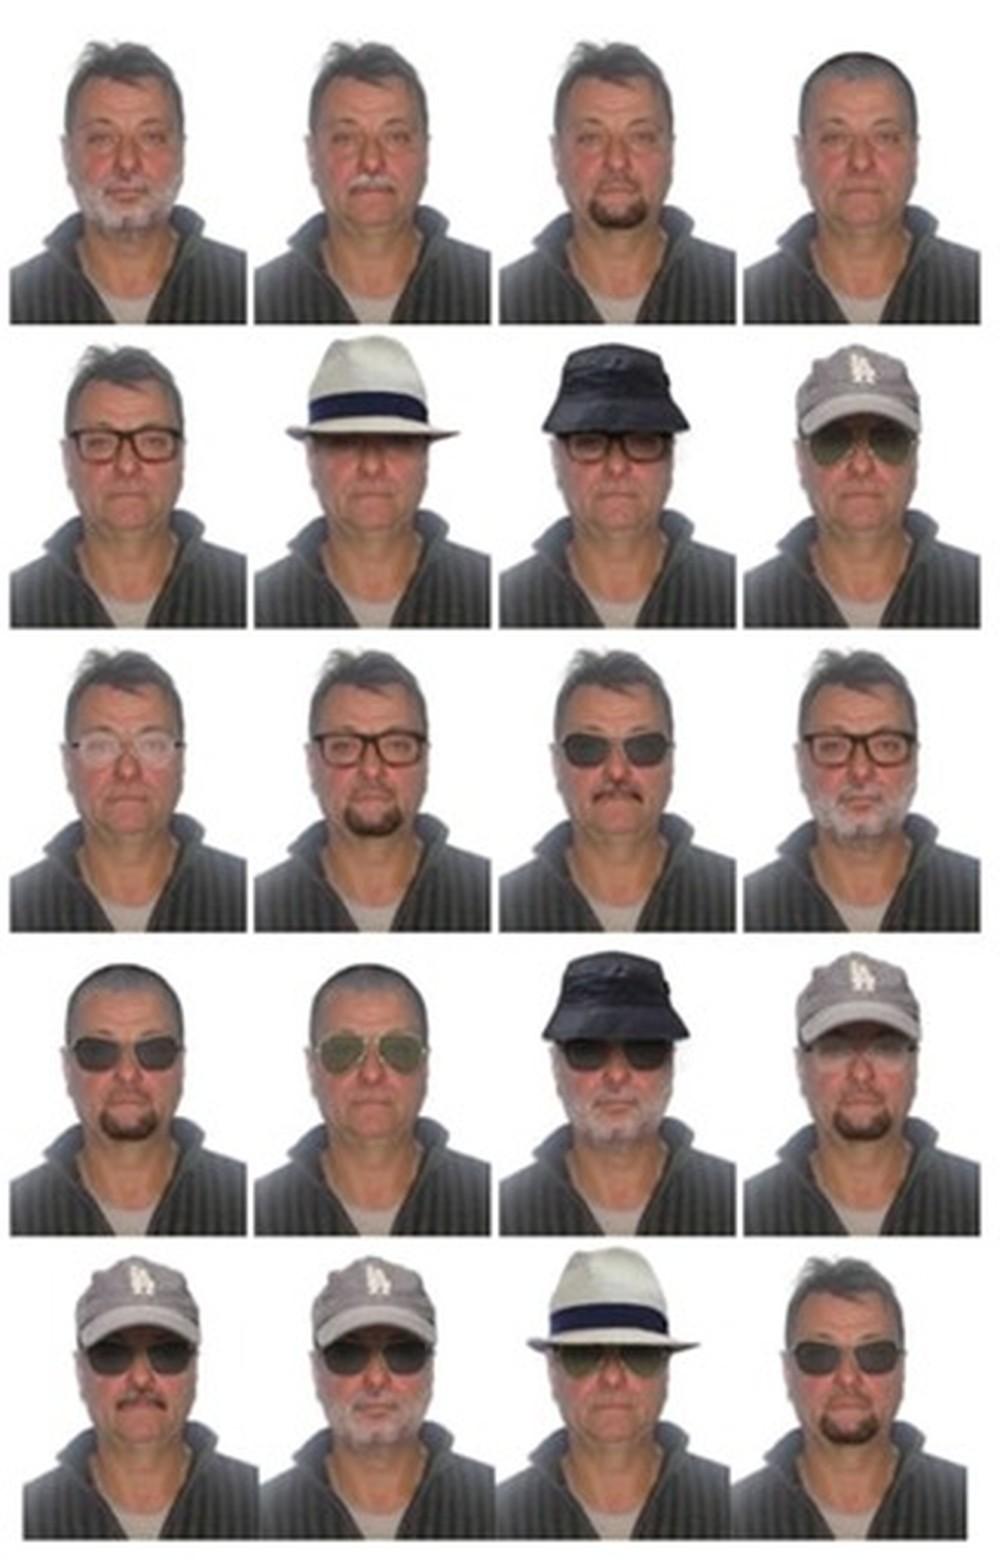 20 simulações de imagens sobre disfarces, mostrando como poderá estar a aparência de Cesare Battisti. Foto: Divulgação/Polícia Federal